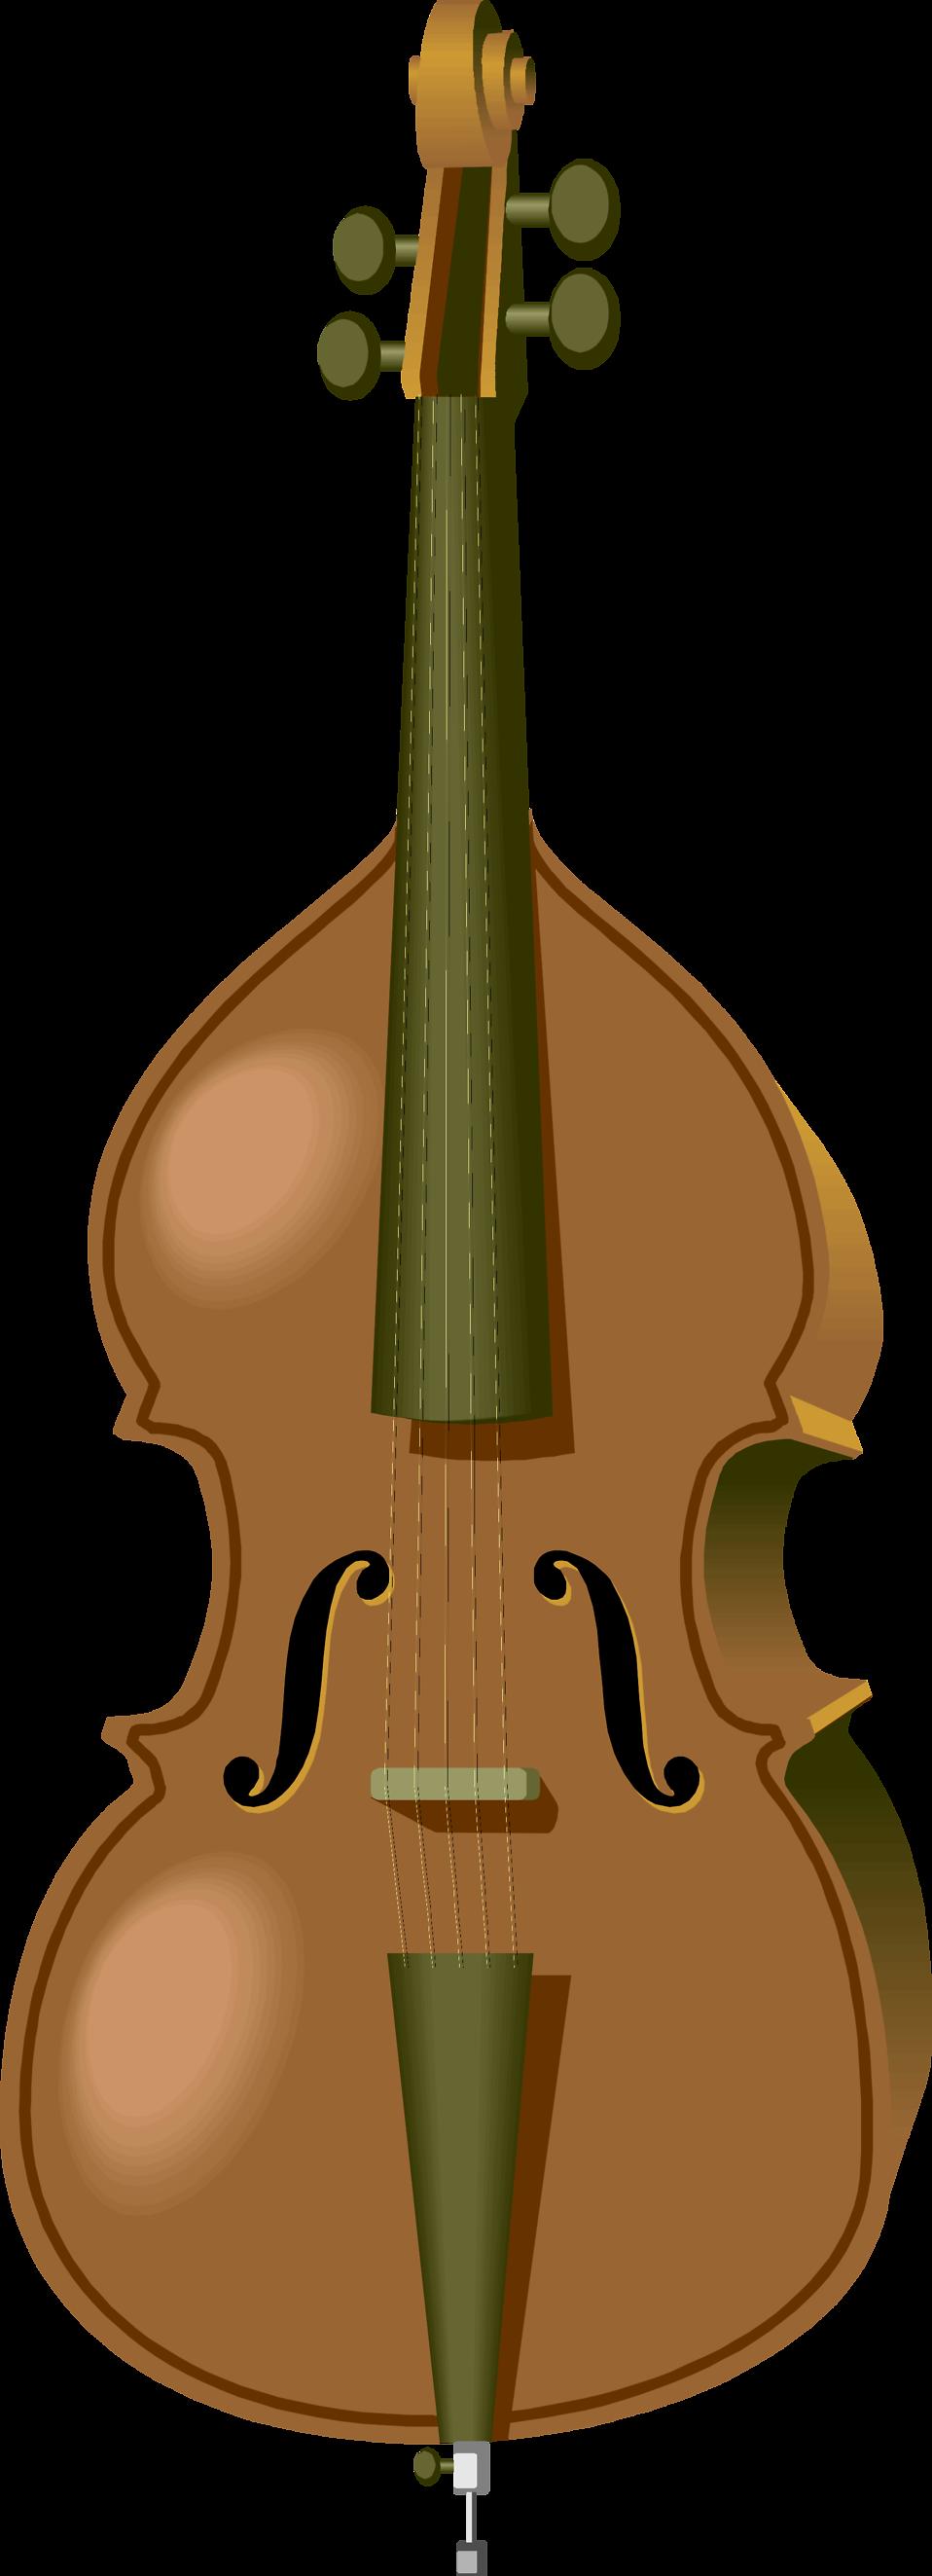 Free stock photo illustration. Cello clipart chello